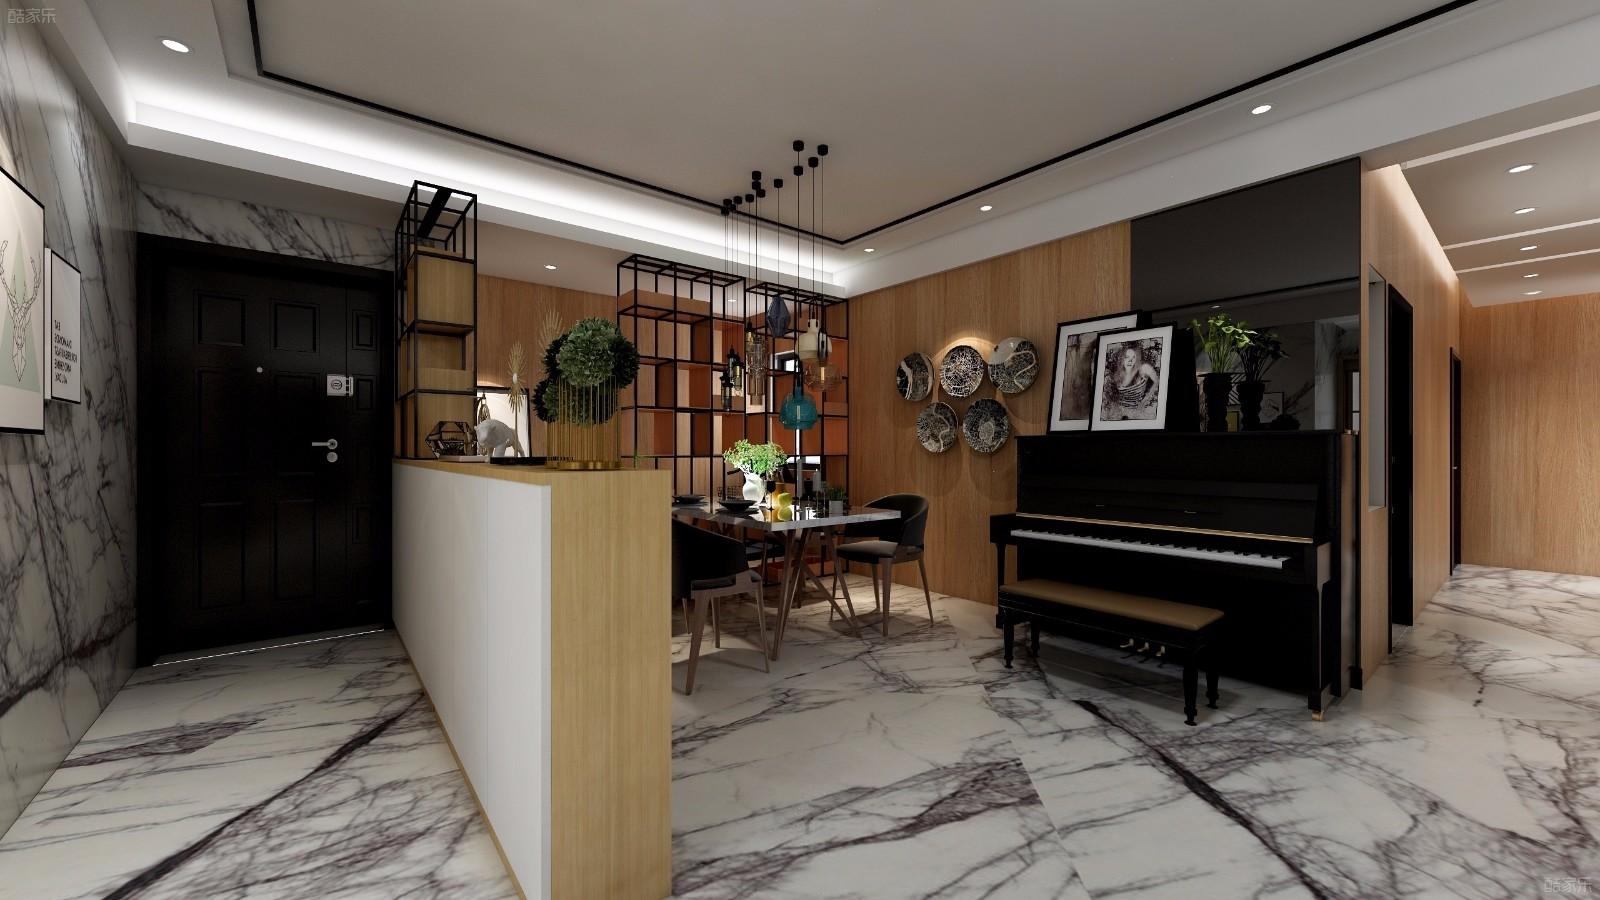 138平米现代简约风格两室两厅两卫装修效果图